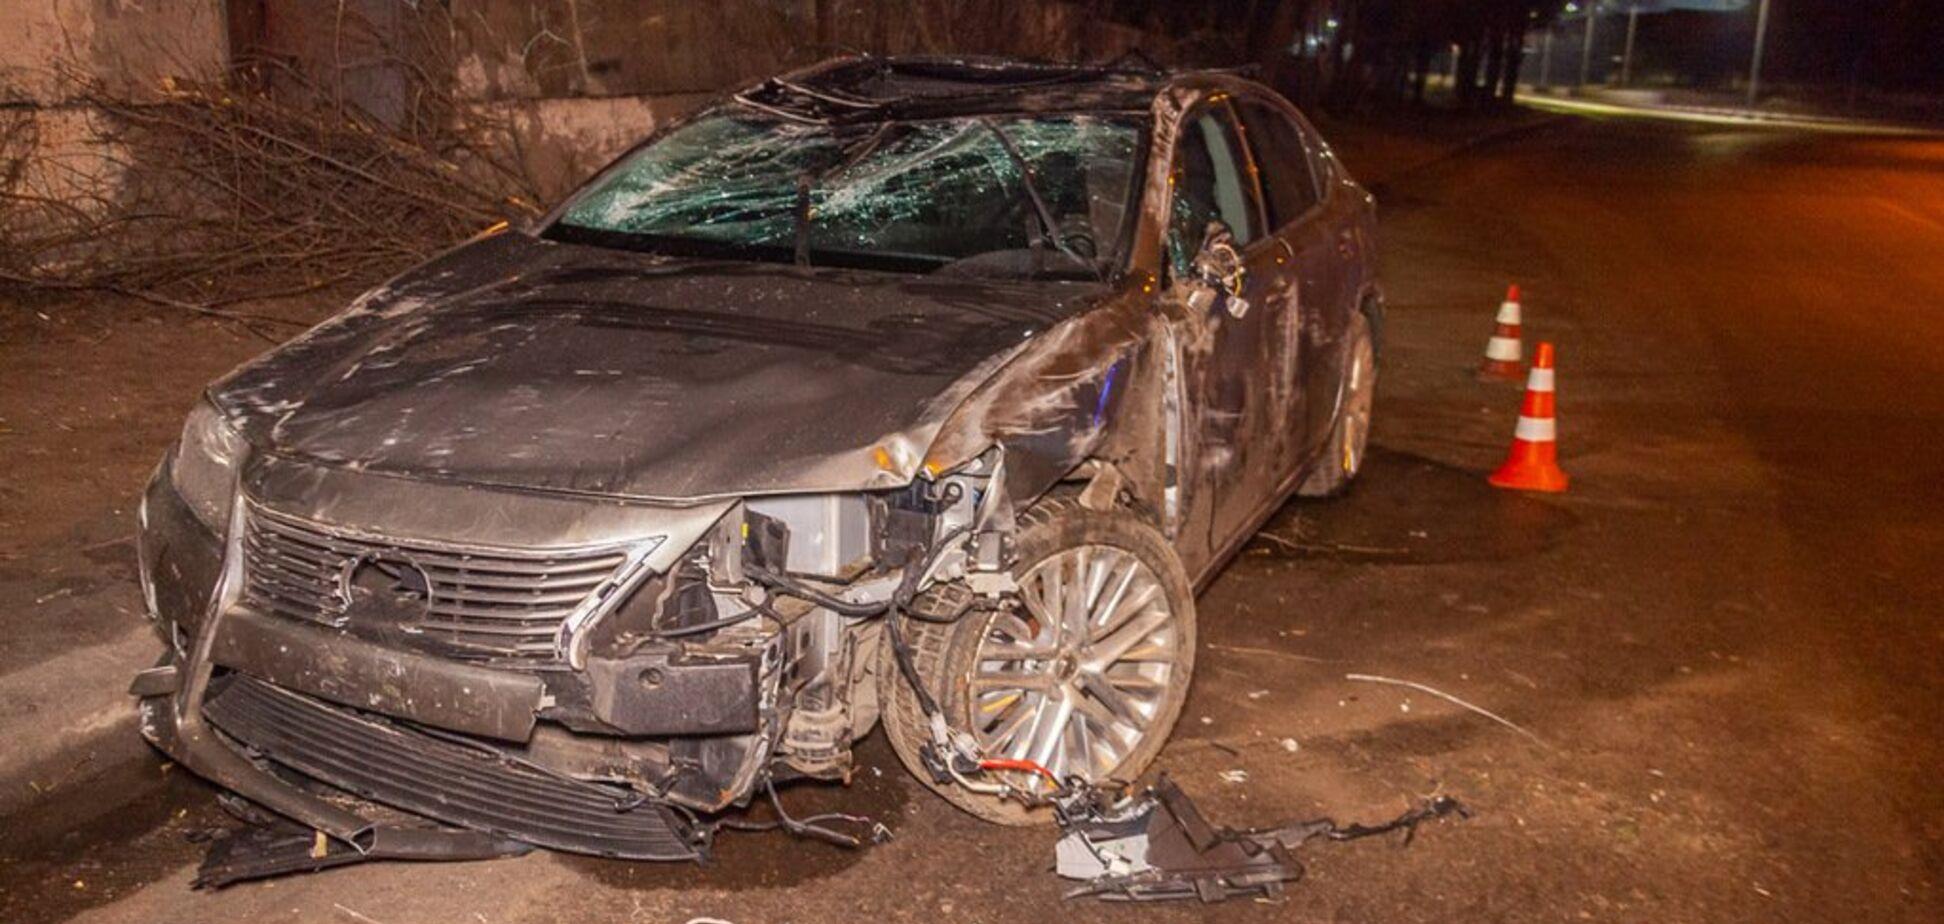 Авто розбите вщент: в Дніпрі через ожеледицю трапилася ДТП з переворотом